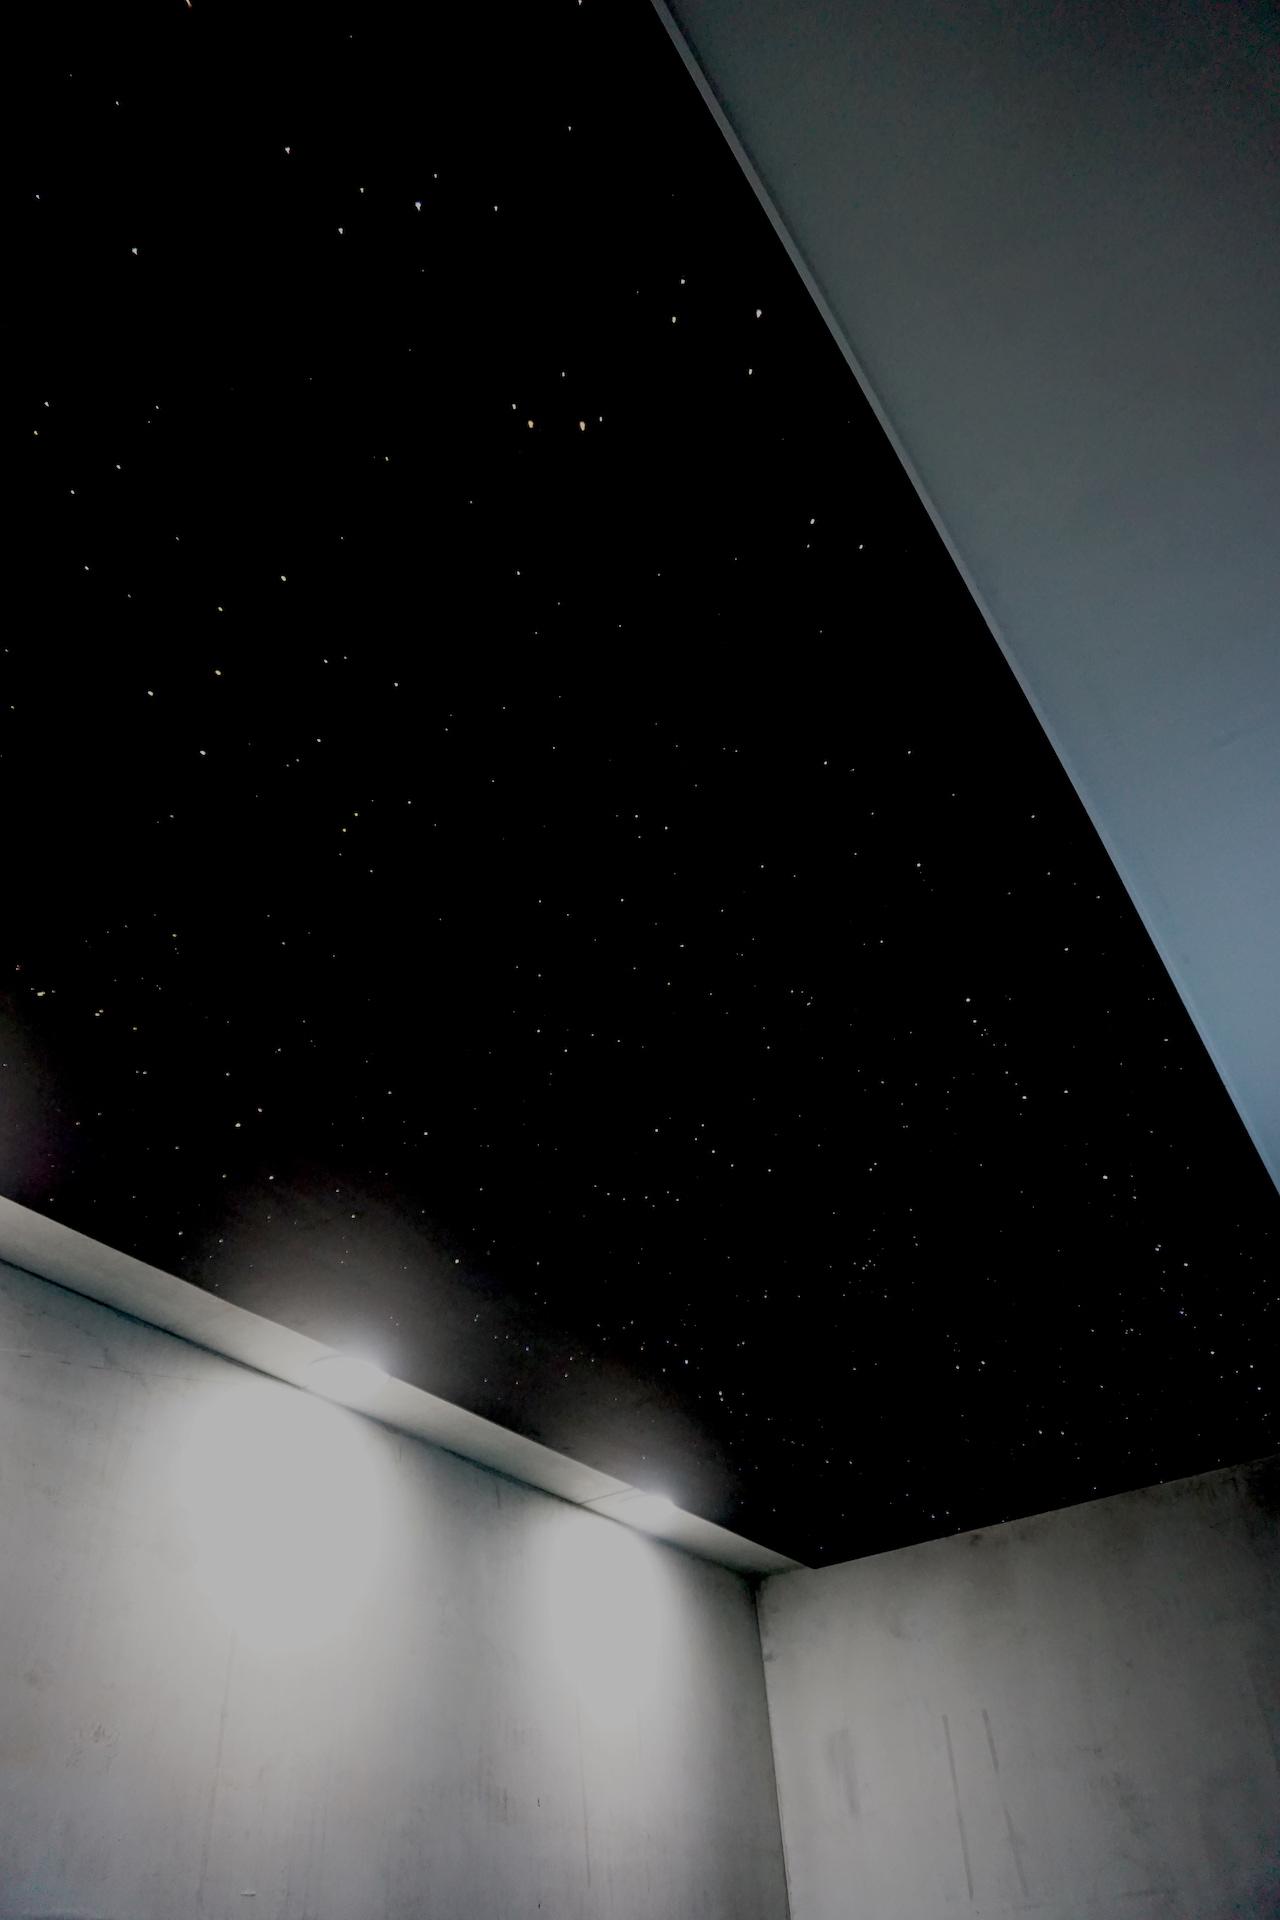 plafond étoilé chambre ciel etoile fibre optic led salle de bain sauna spa piscine mycosmos voies lactées etoiler etoiles filantes voie lactee photos image